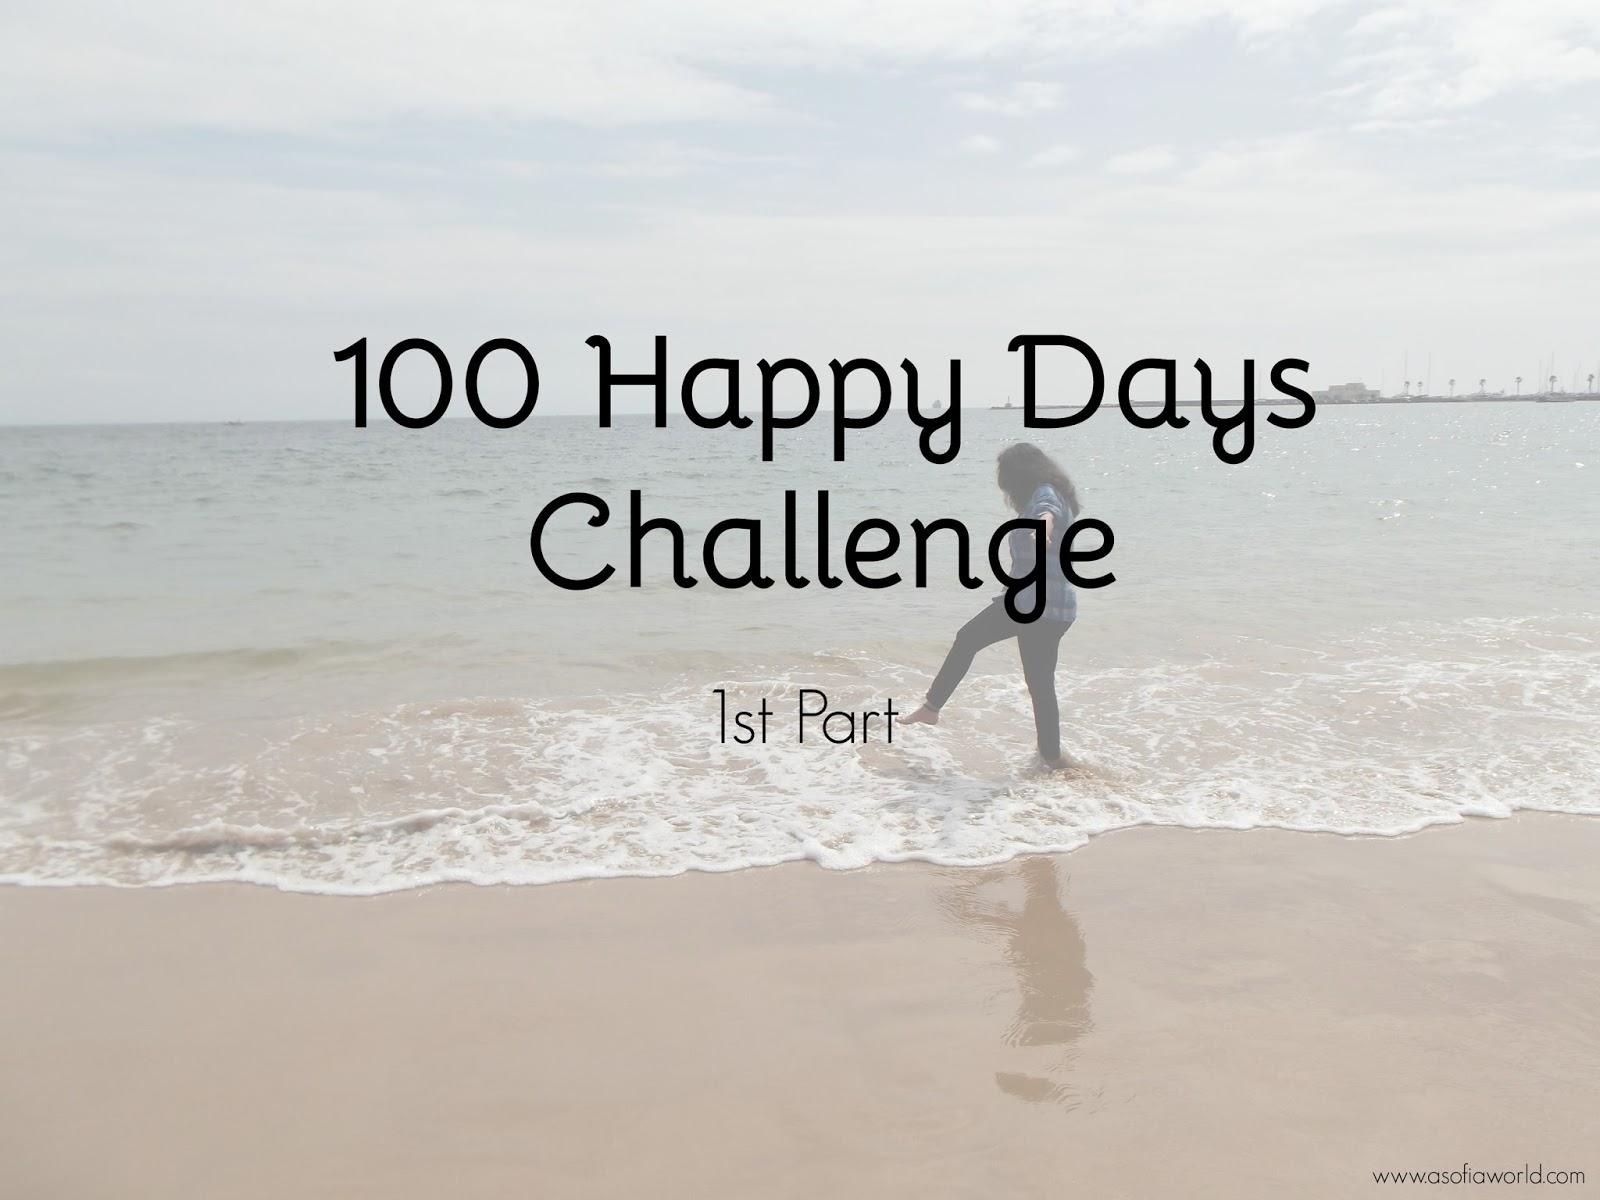 100 Happy Days Challenge 1st part